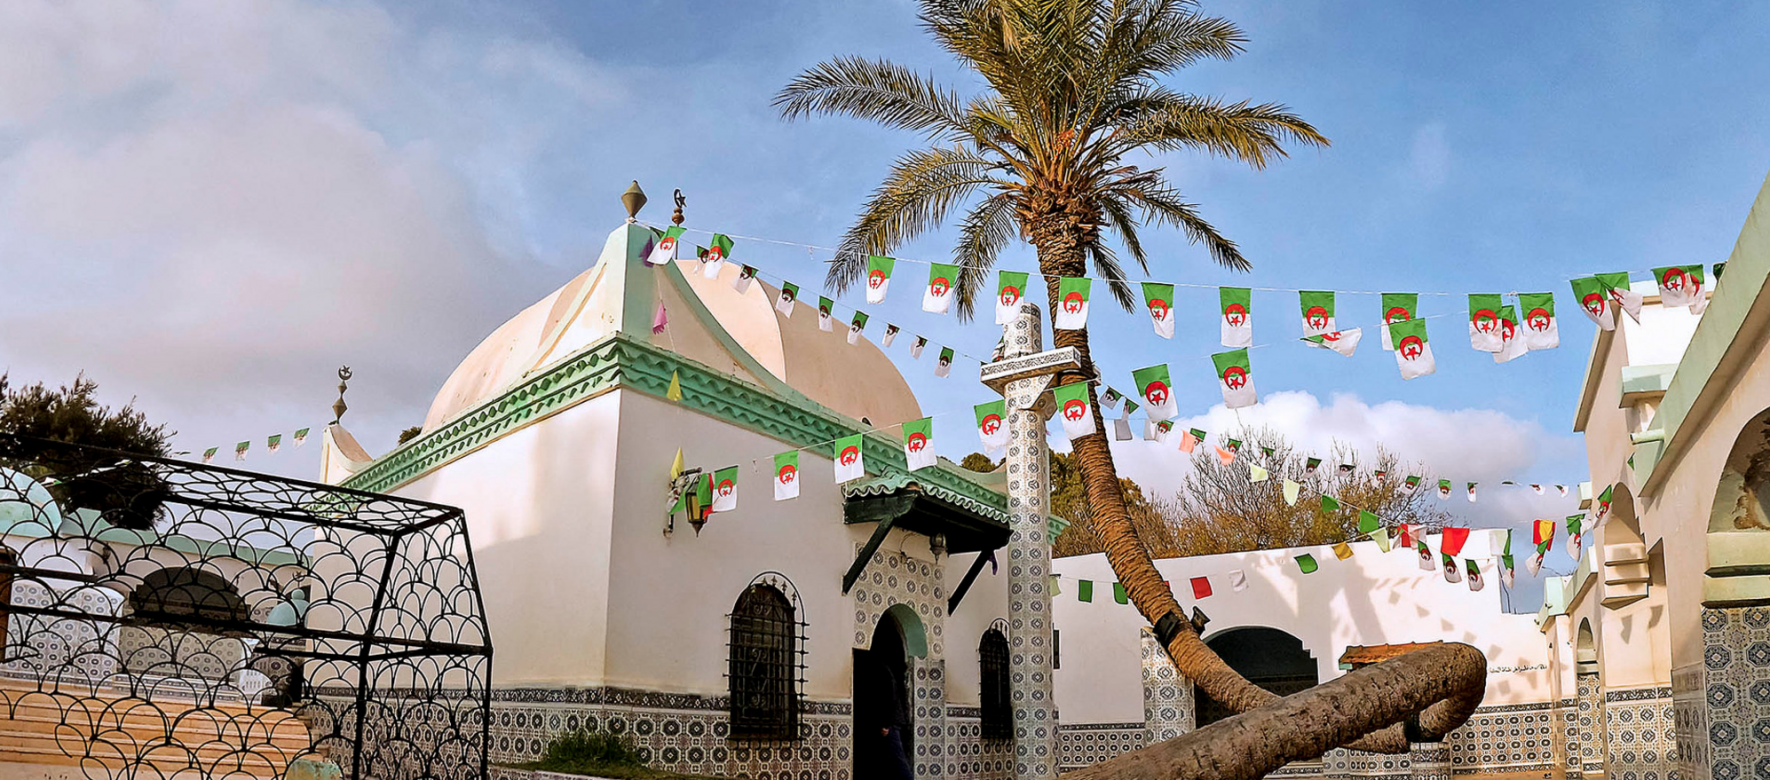 Comment l'Algérie peut-elle renforcer son attractivité touristique ?